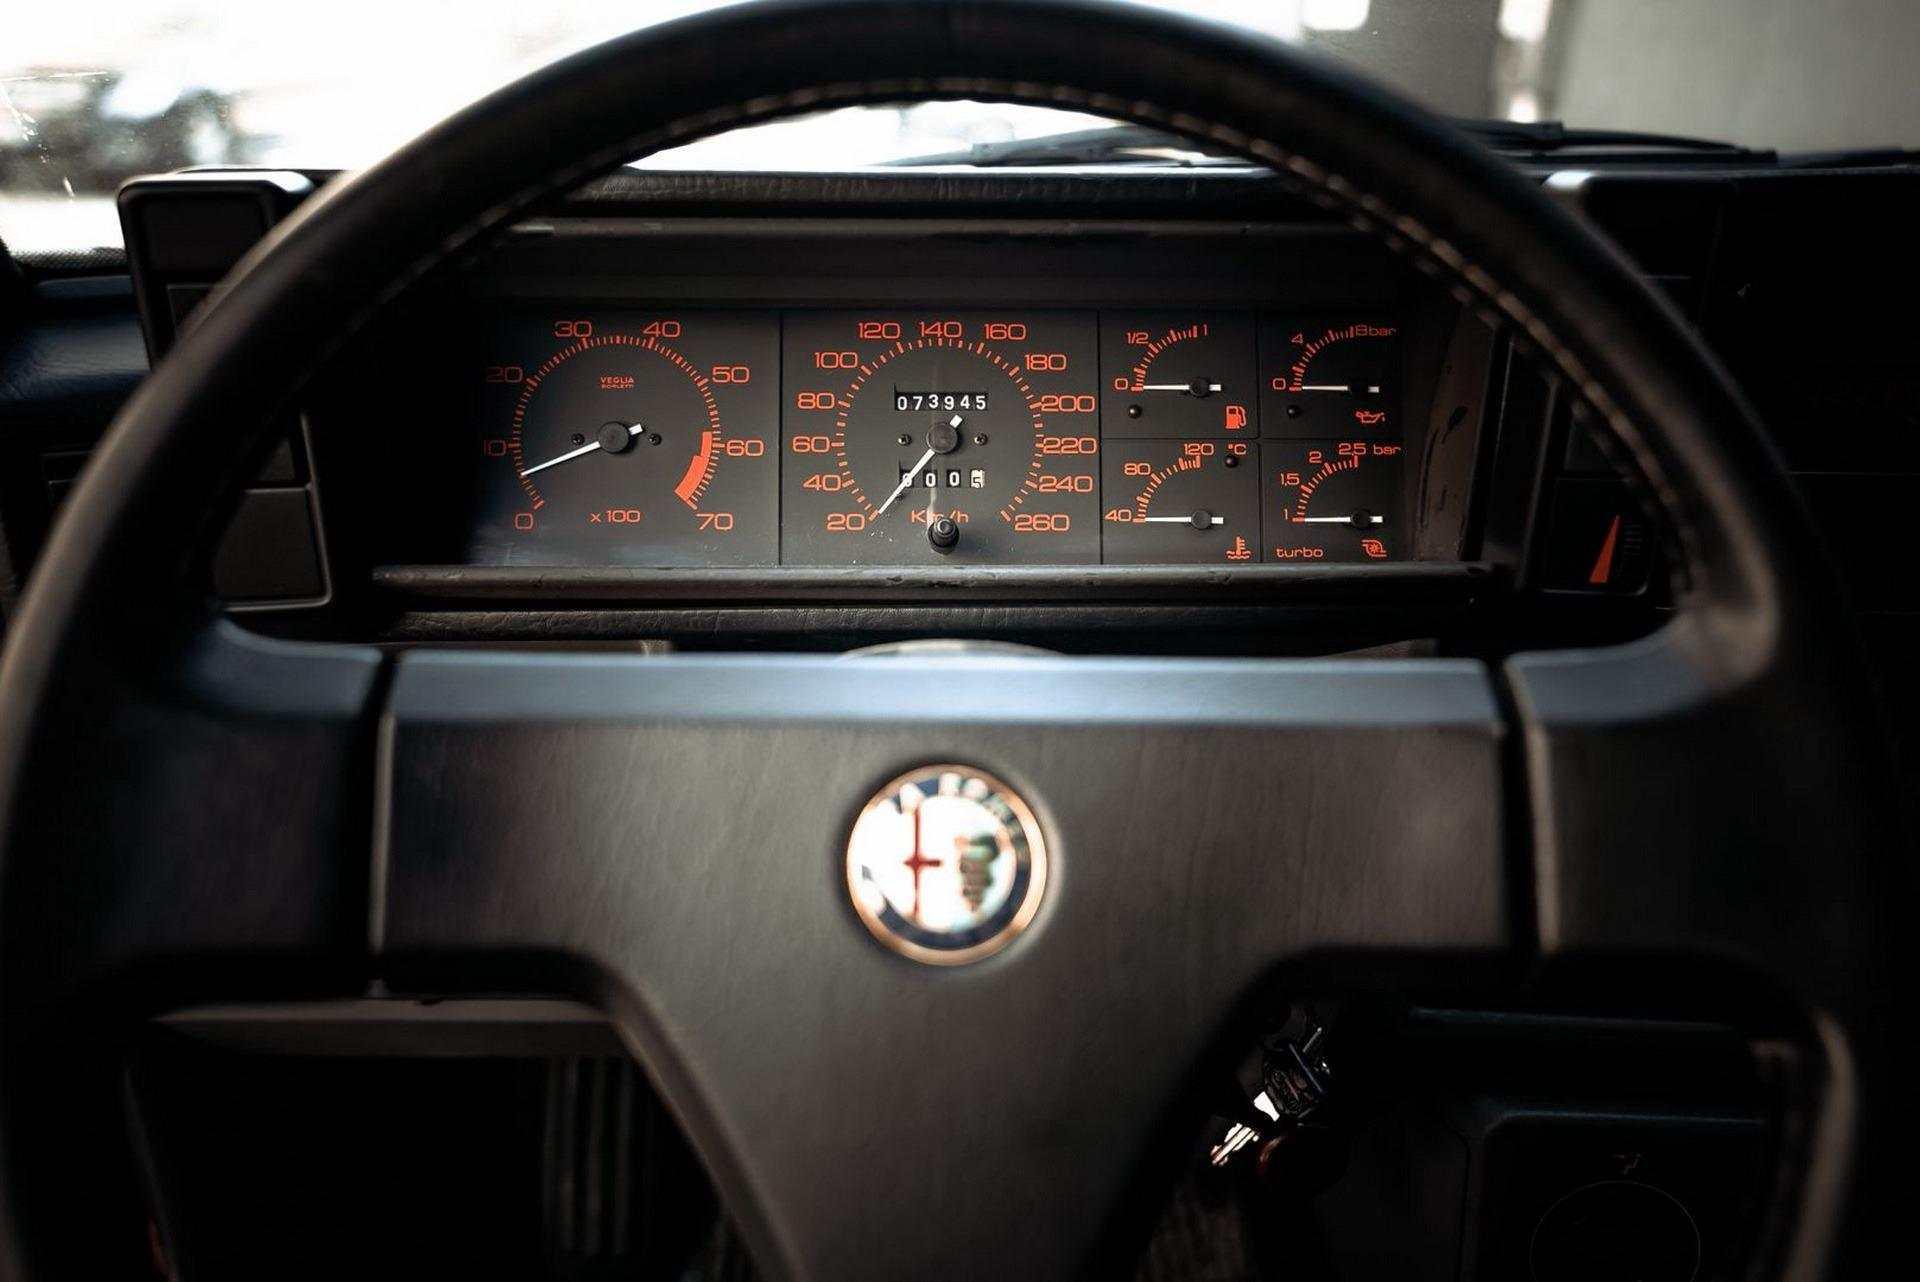 1987_Alfa_Romeo_75_Turbo_Evoluzione_sale-0029